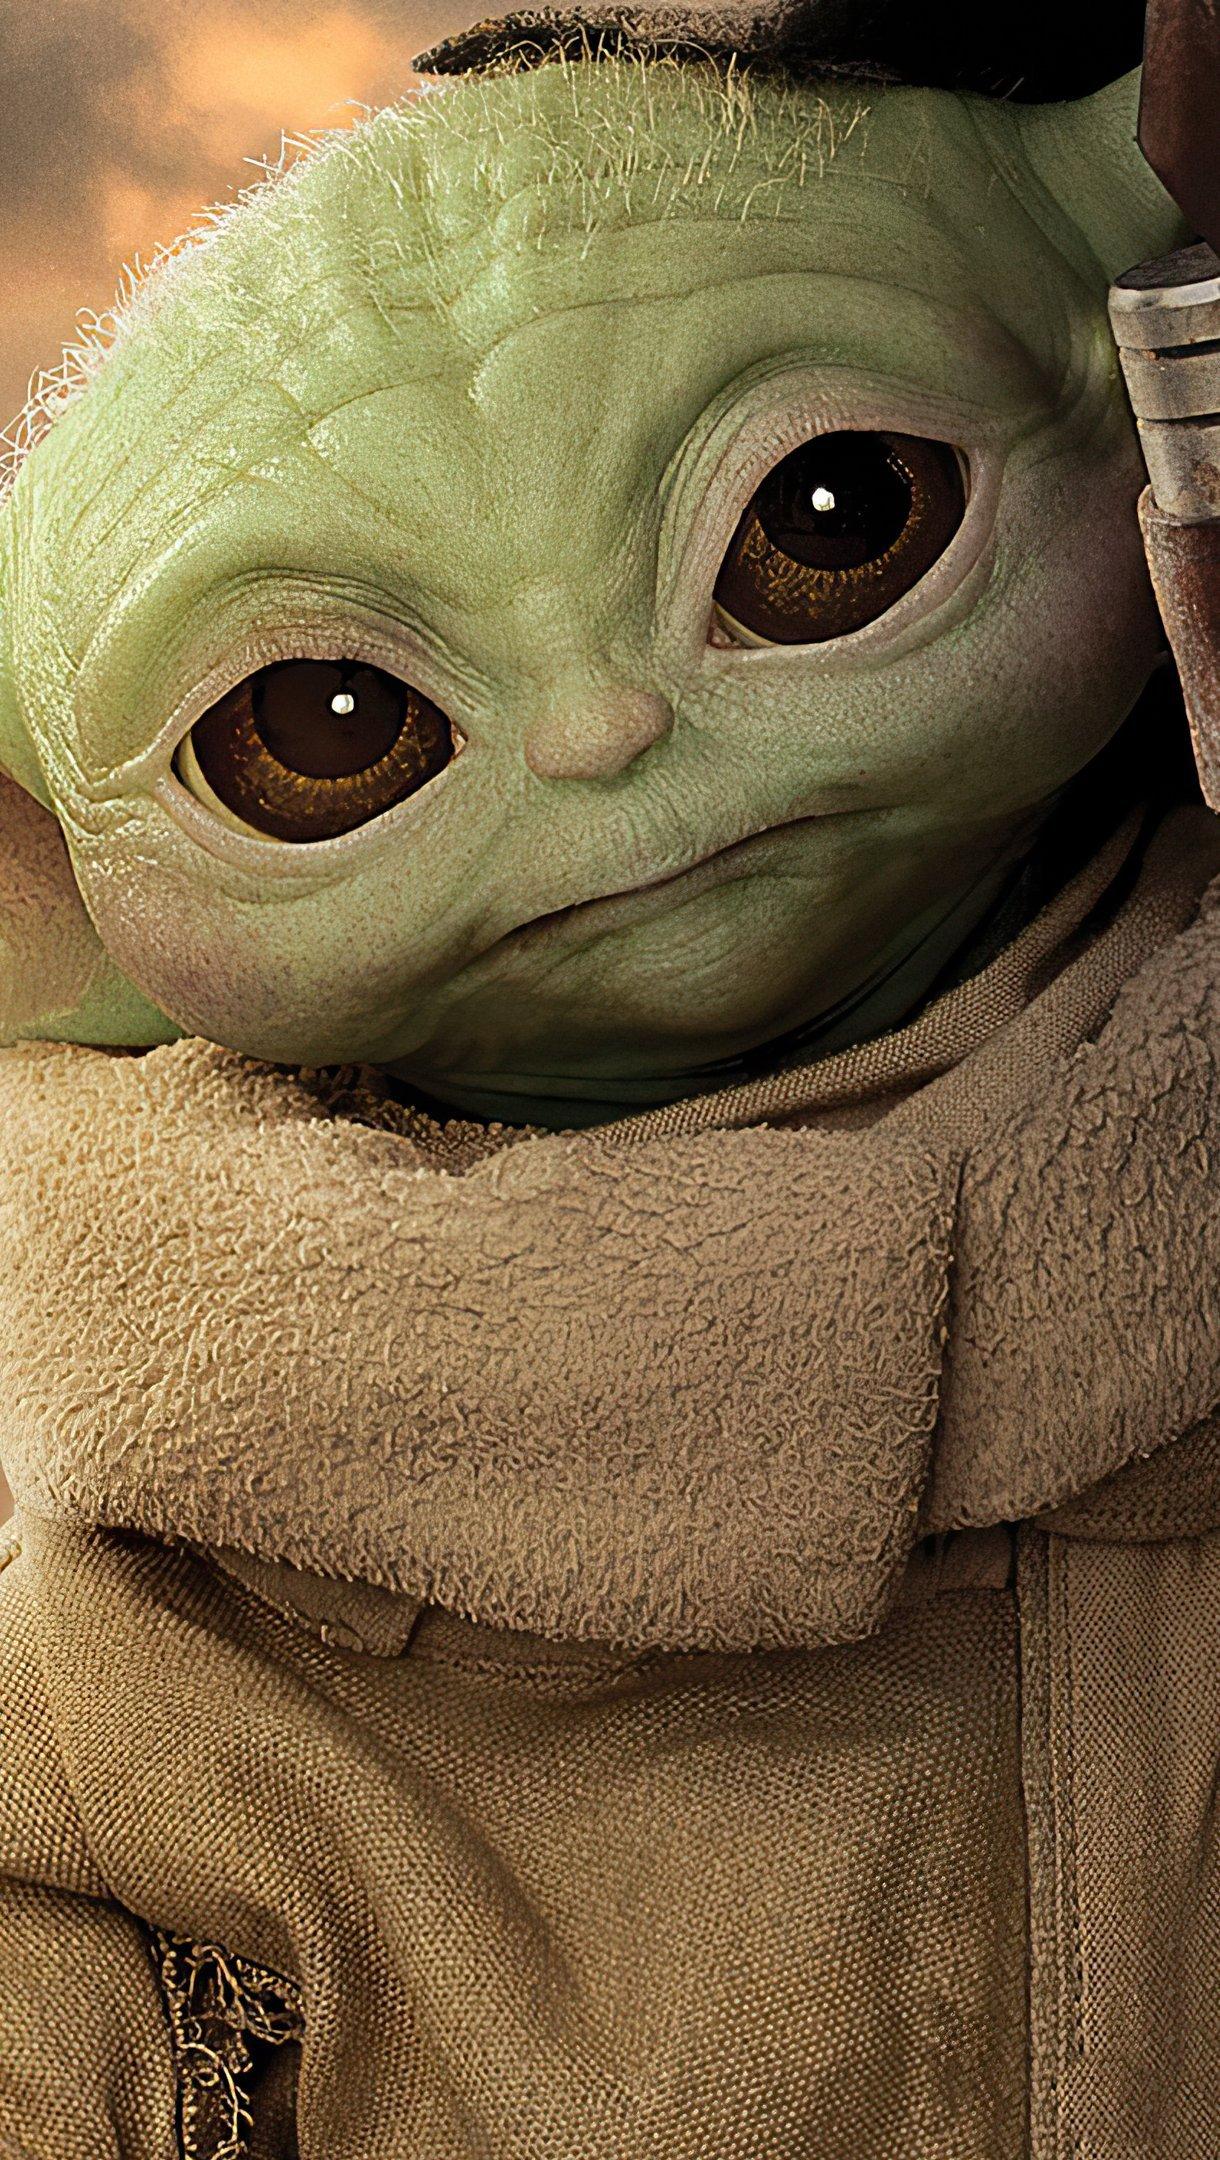 Fondos de pantalla Yoda bebé en El Mandaloriano Vertical